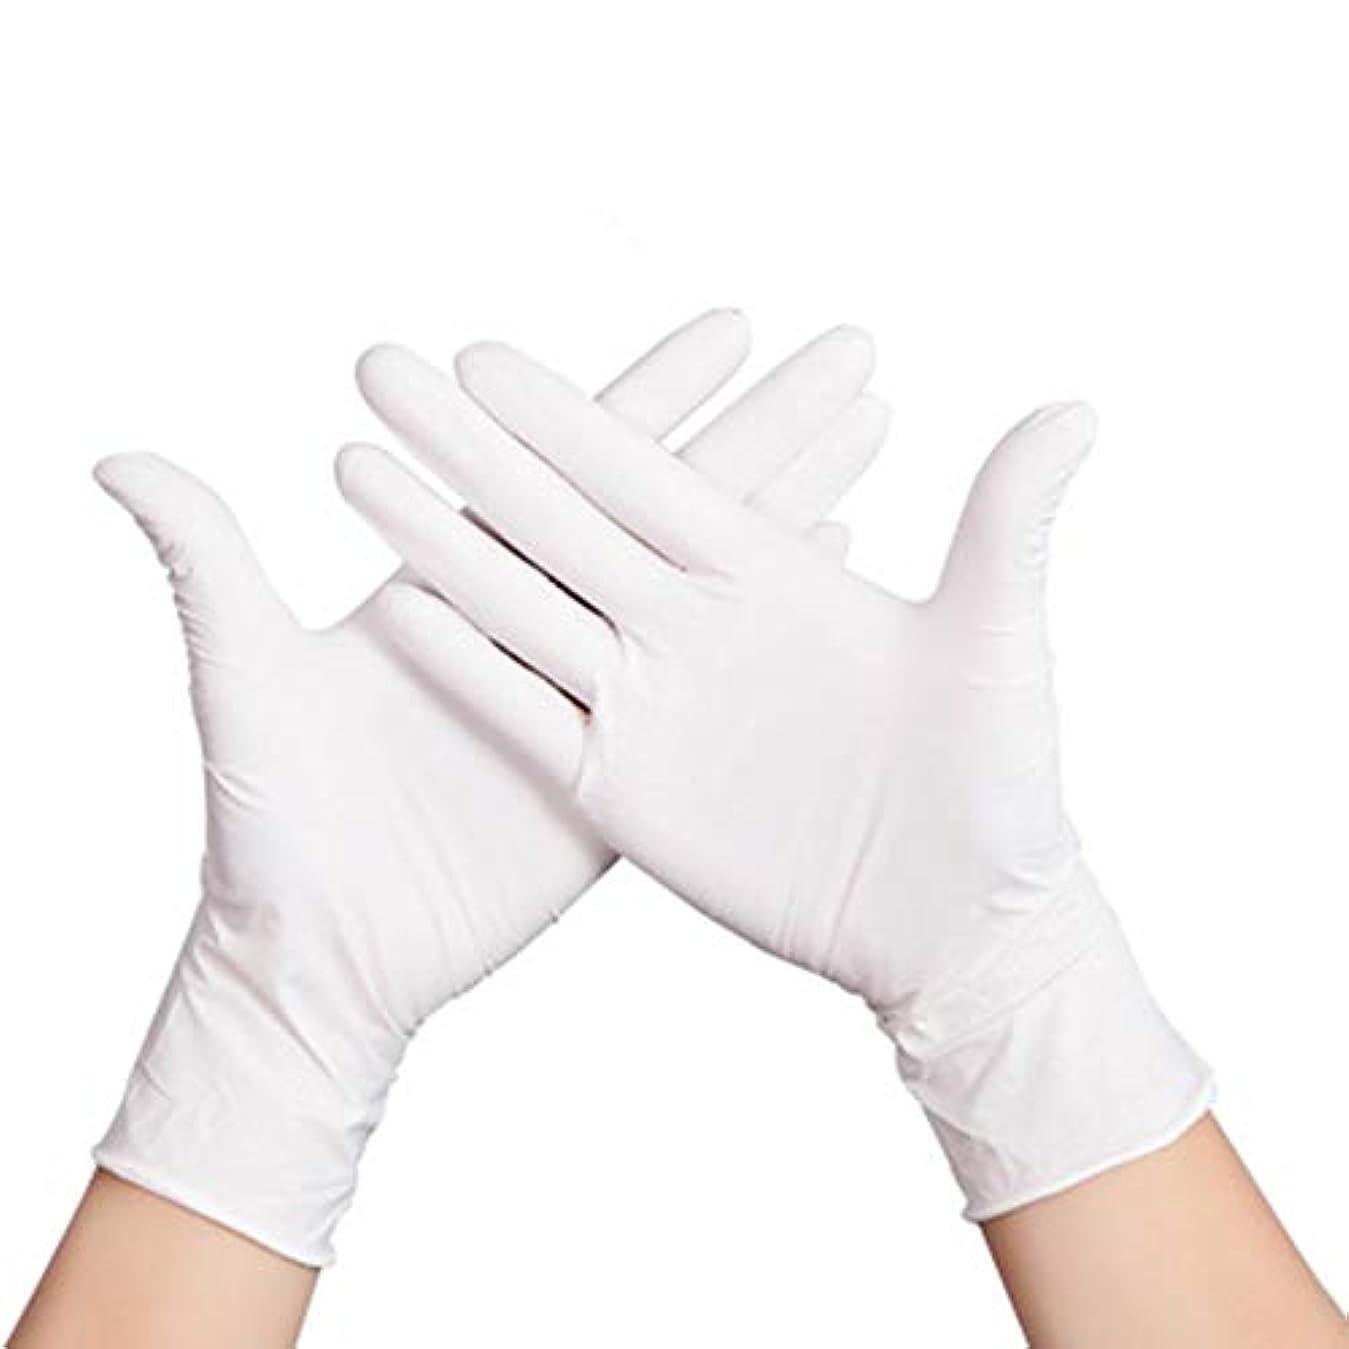 苦味メナジェリービバ使い捨て白手袋ニトリル手袋by 50ペア、食品、ケータリング、家事、仕事、入れ墨、保護、ゴム、ラテックス手袋、商業用